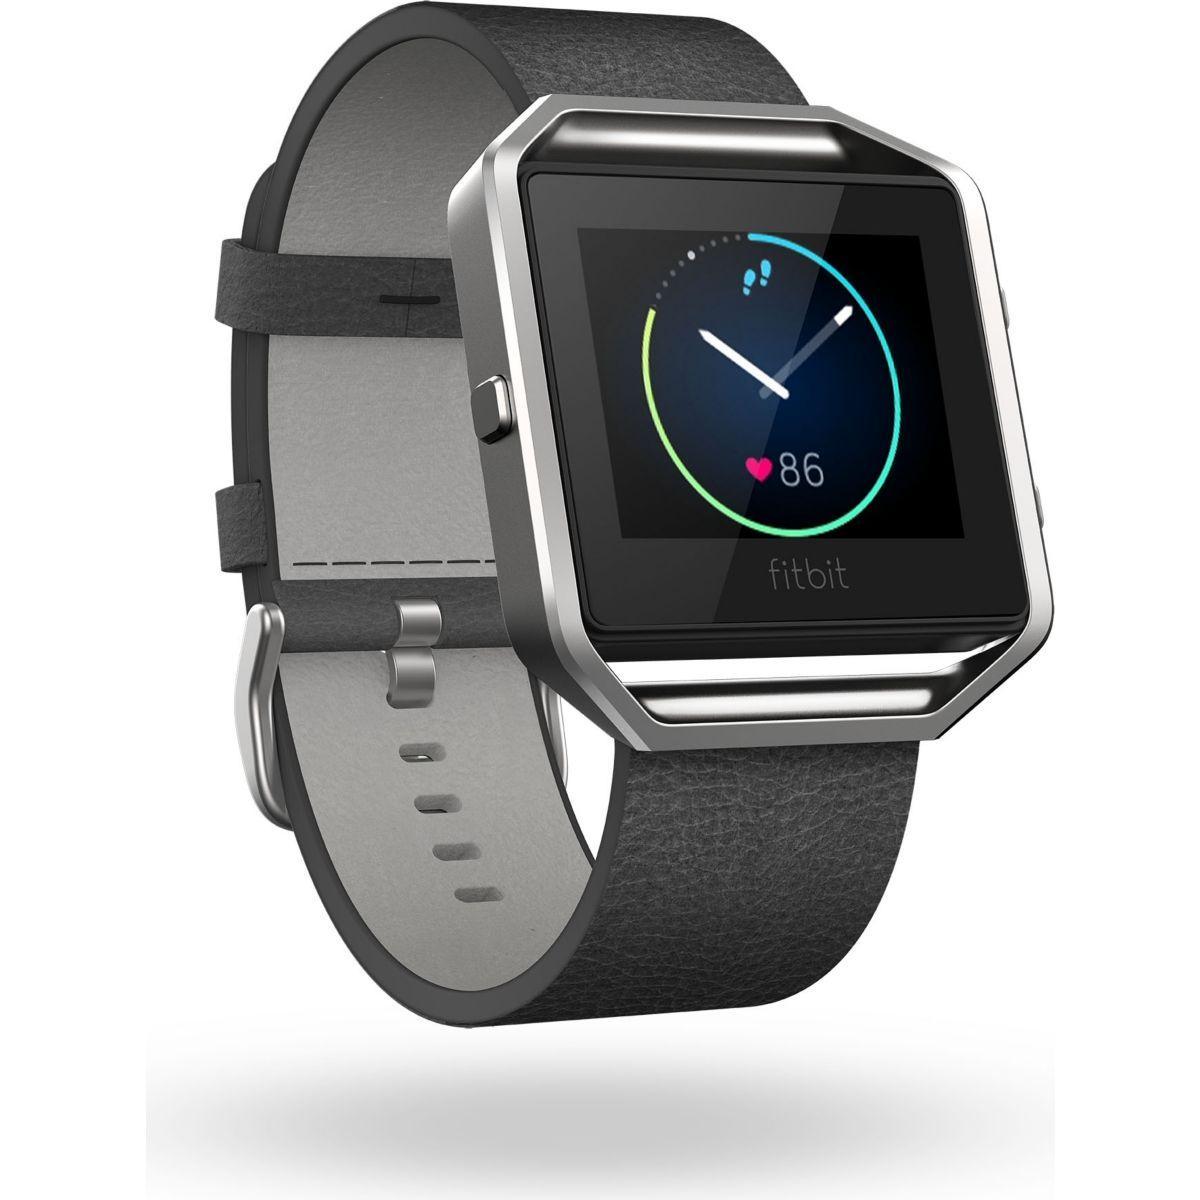 Accessoire fitbit bracelet cuir blaze noir s - 15% de remise immédiate avec le code : top15 (photo)